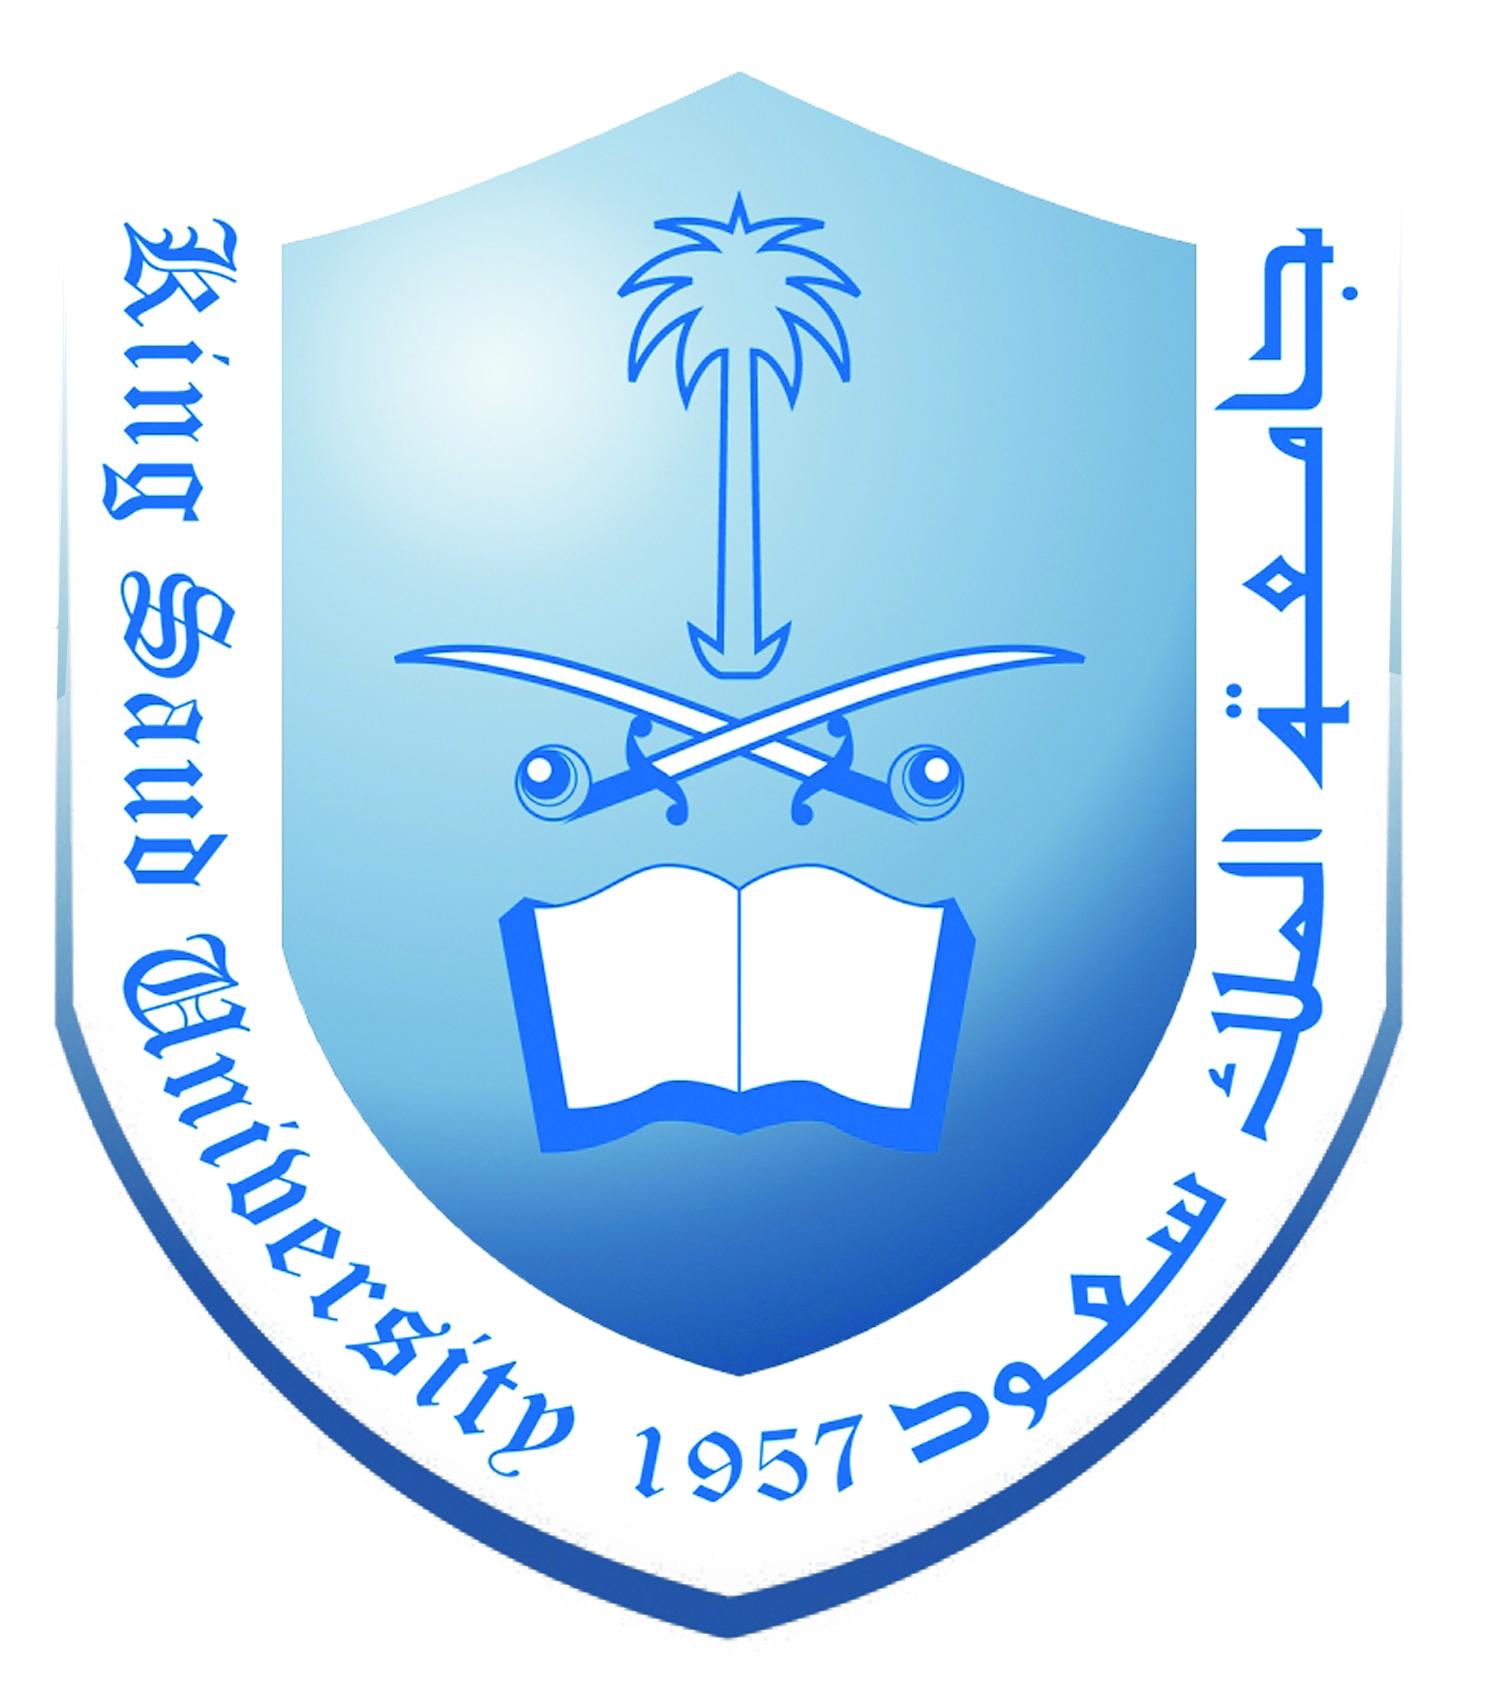 فتح باب الترشيح لعمداء المجتمع والبحث العلمي و كلية الدراسات التطبيقية وخدمة المجتمع